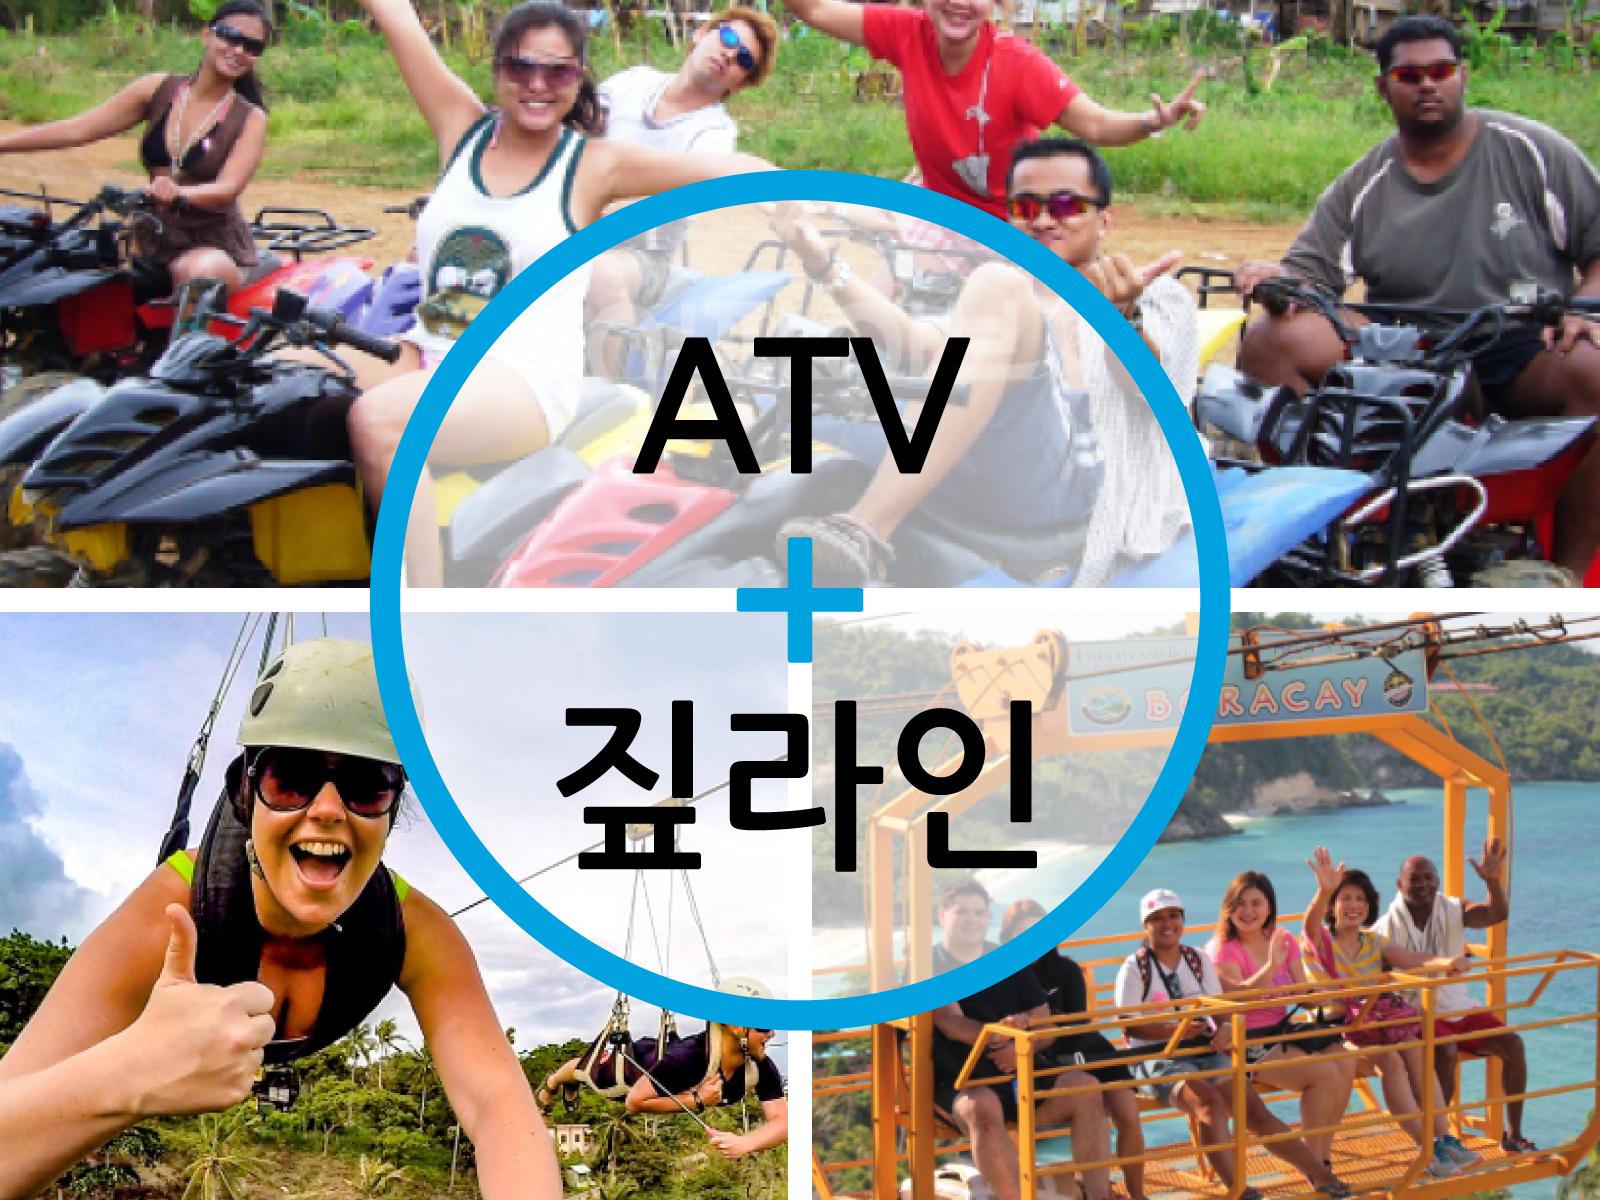 [보라카이 육상 액티비티 팩] 짚라인 + ATV